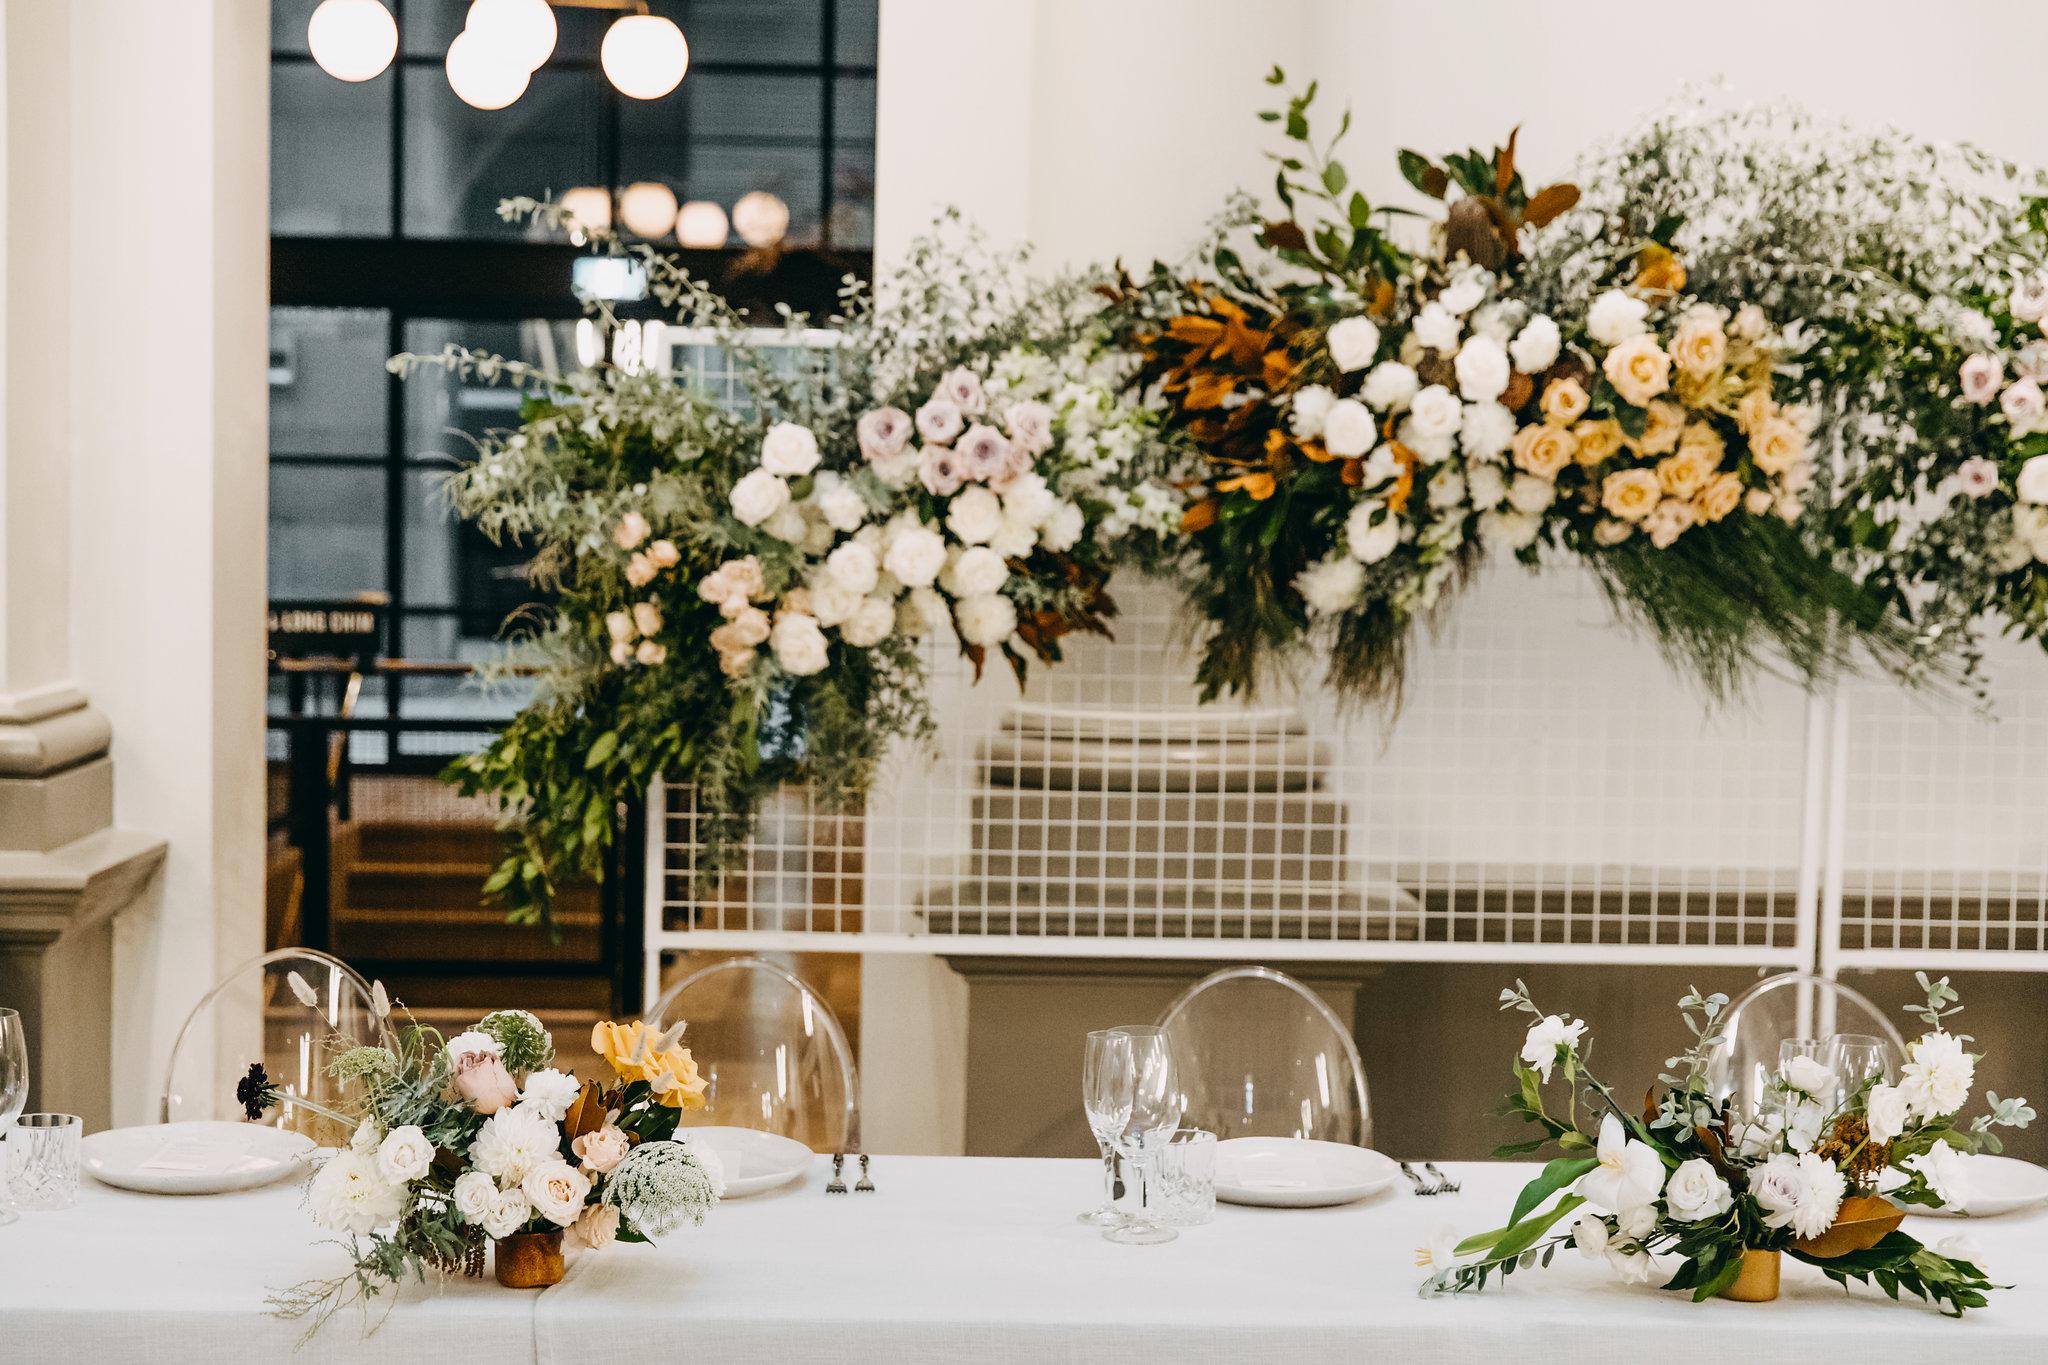 WEDDINGOPENDAY-STATEBUILDINGS-APR2018-20